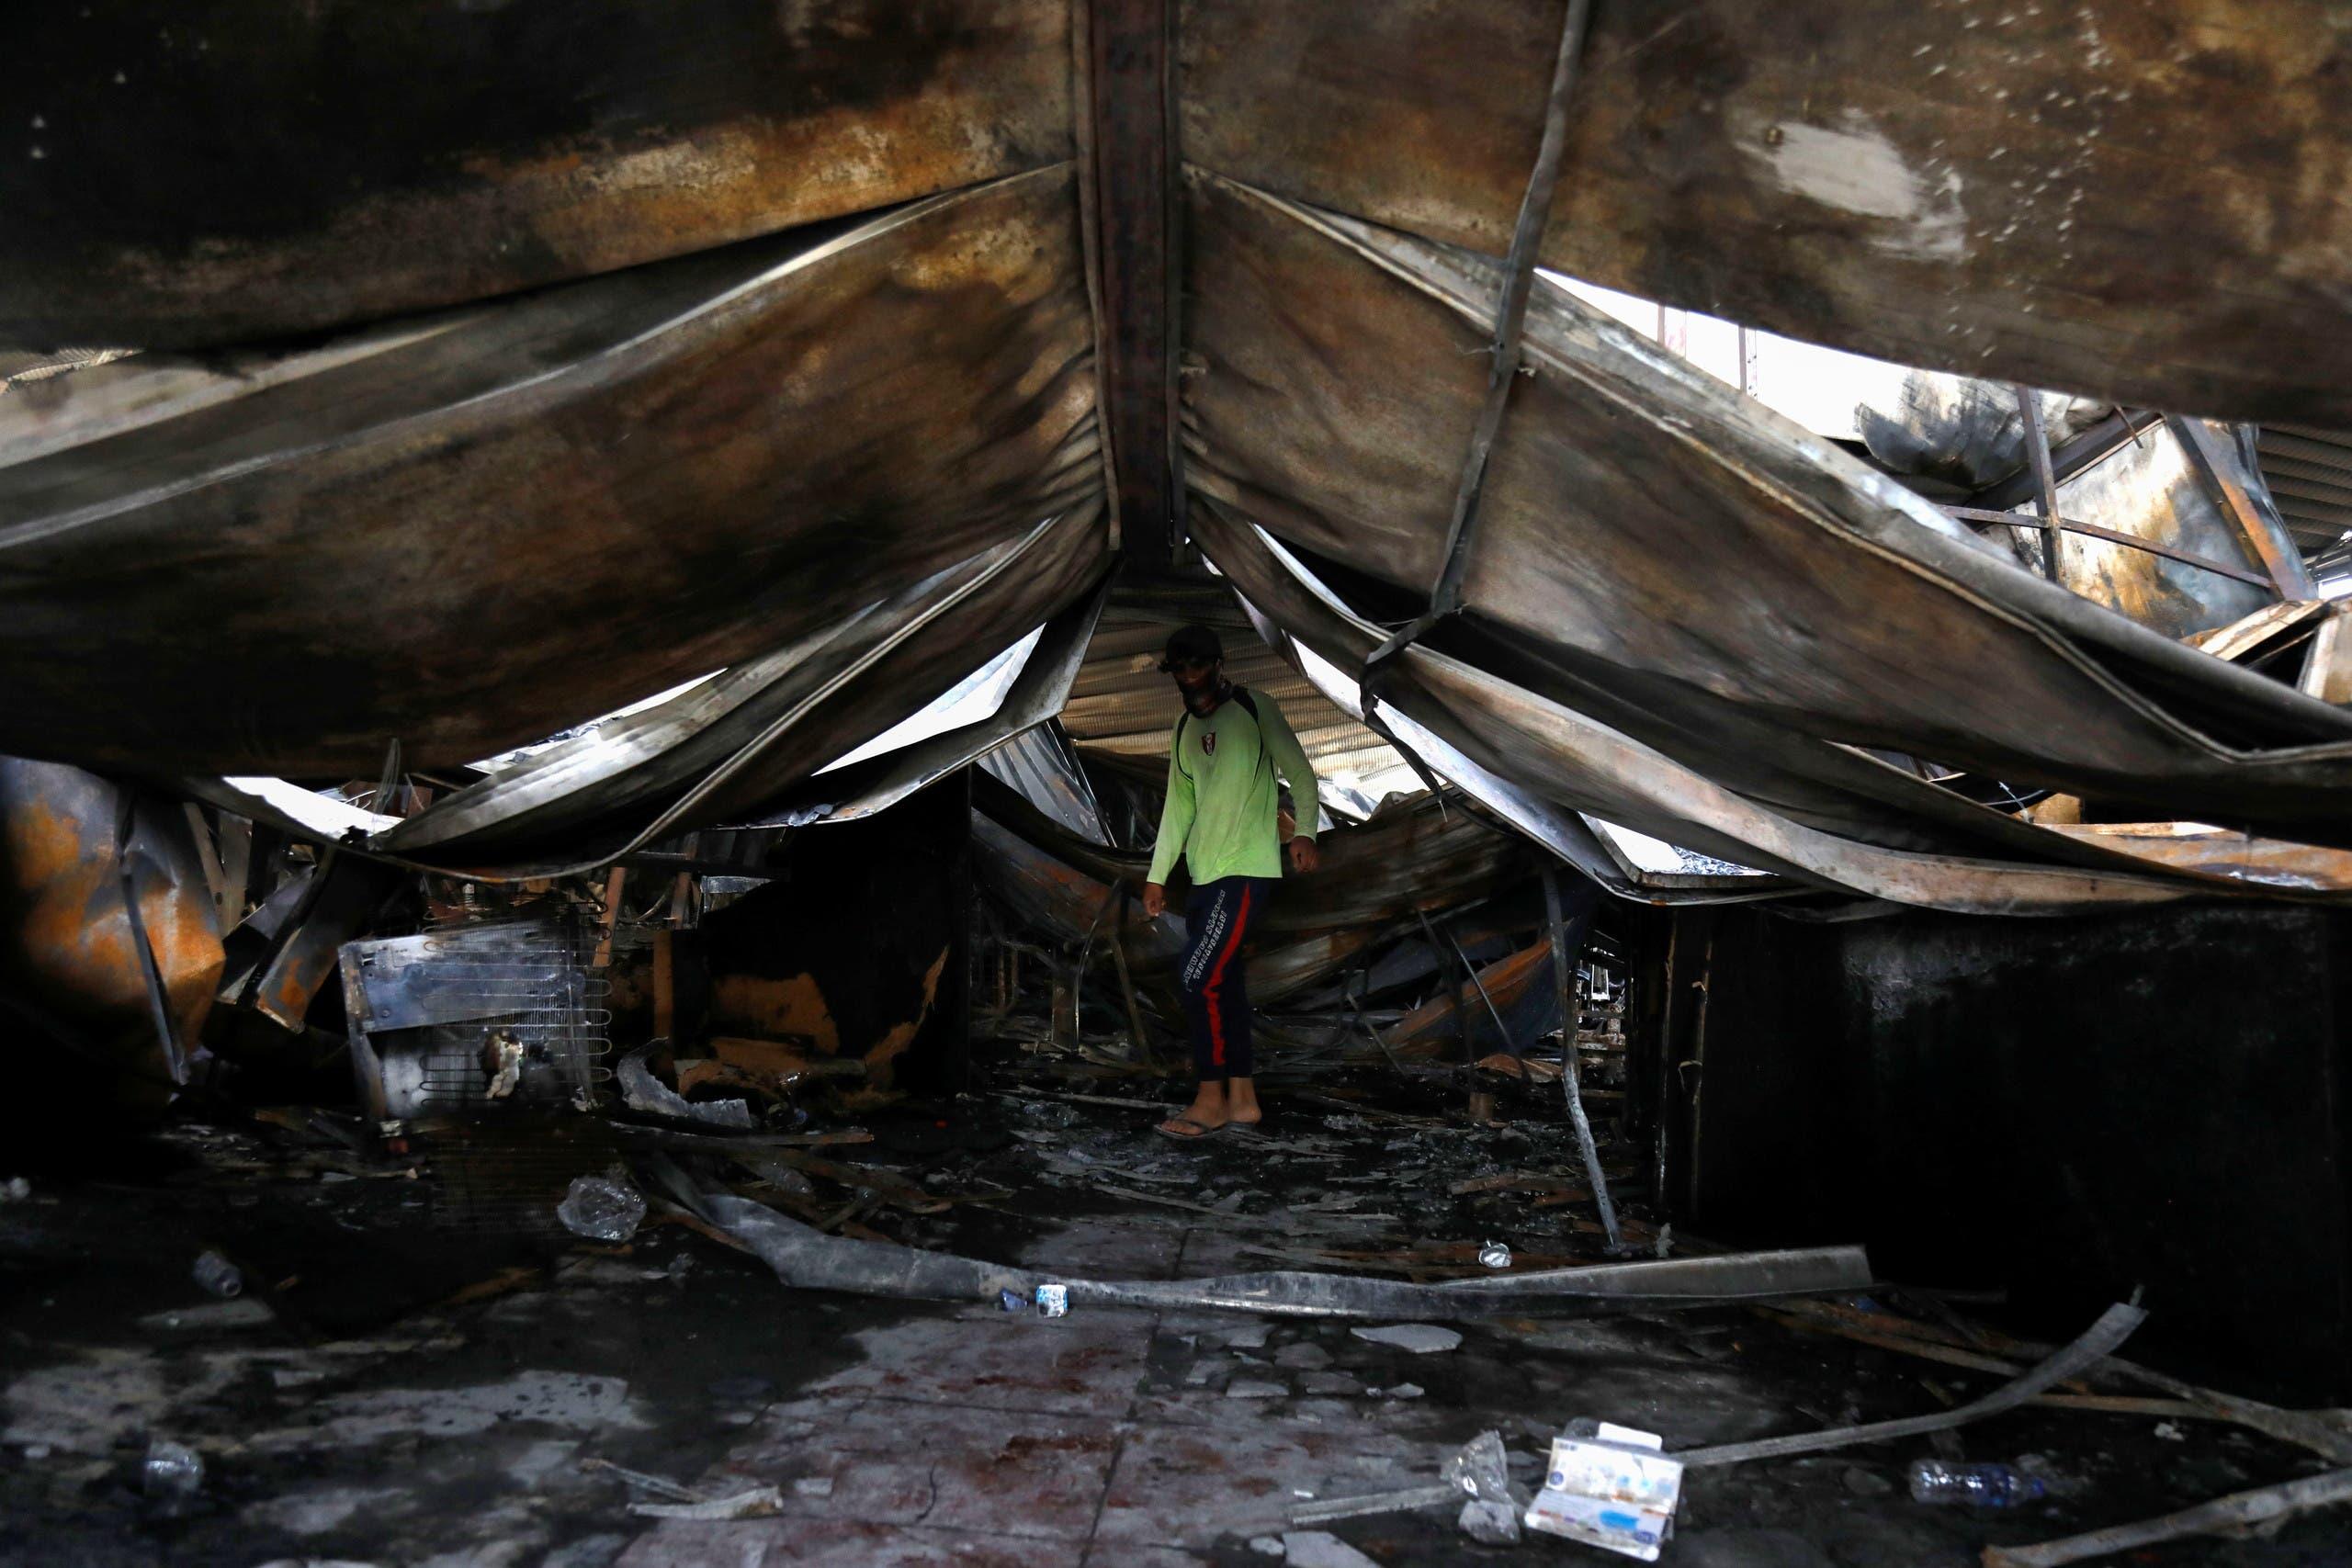 مستشفى الحسين بعد الحريق (رويترز)